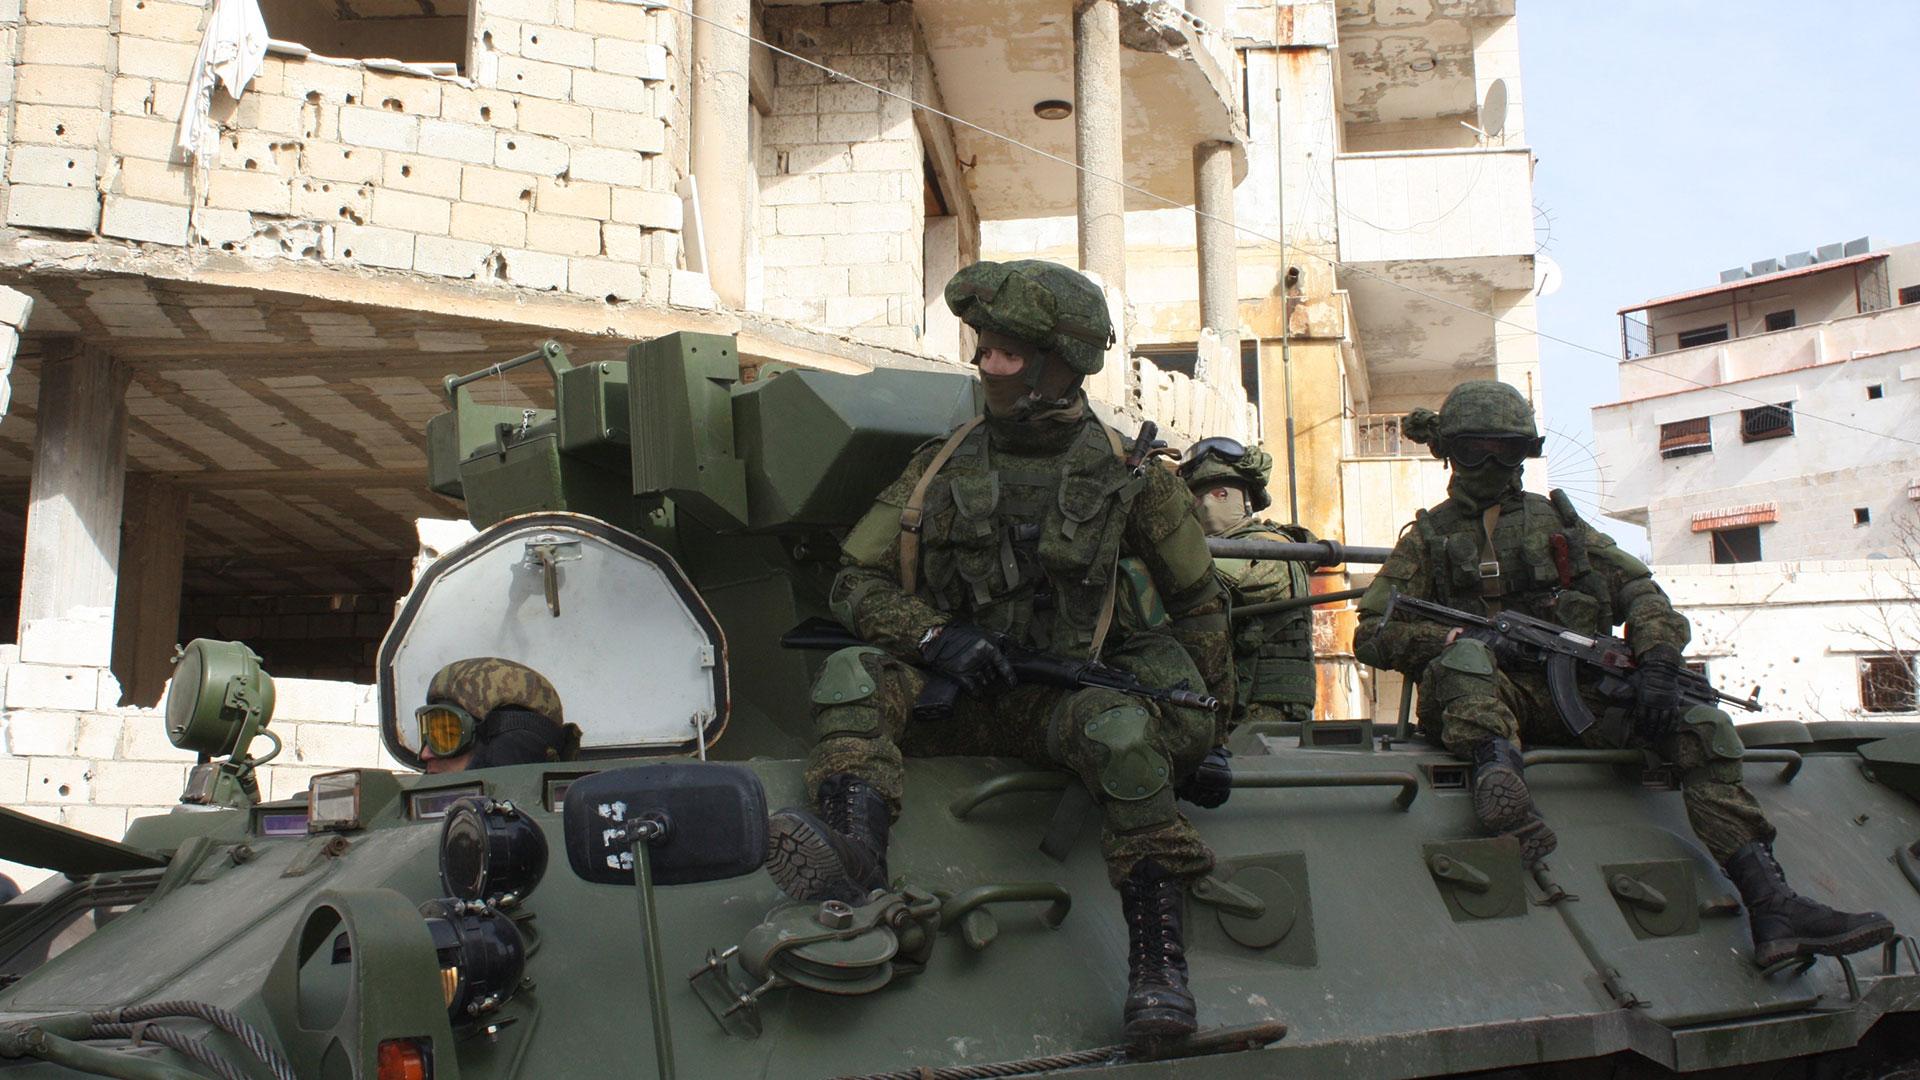 La intervención militar rusa comenzó en 2015, pero también se han sumado empresas privadas